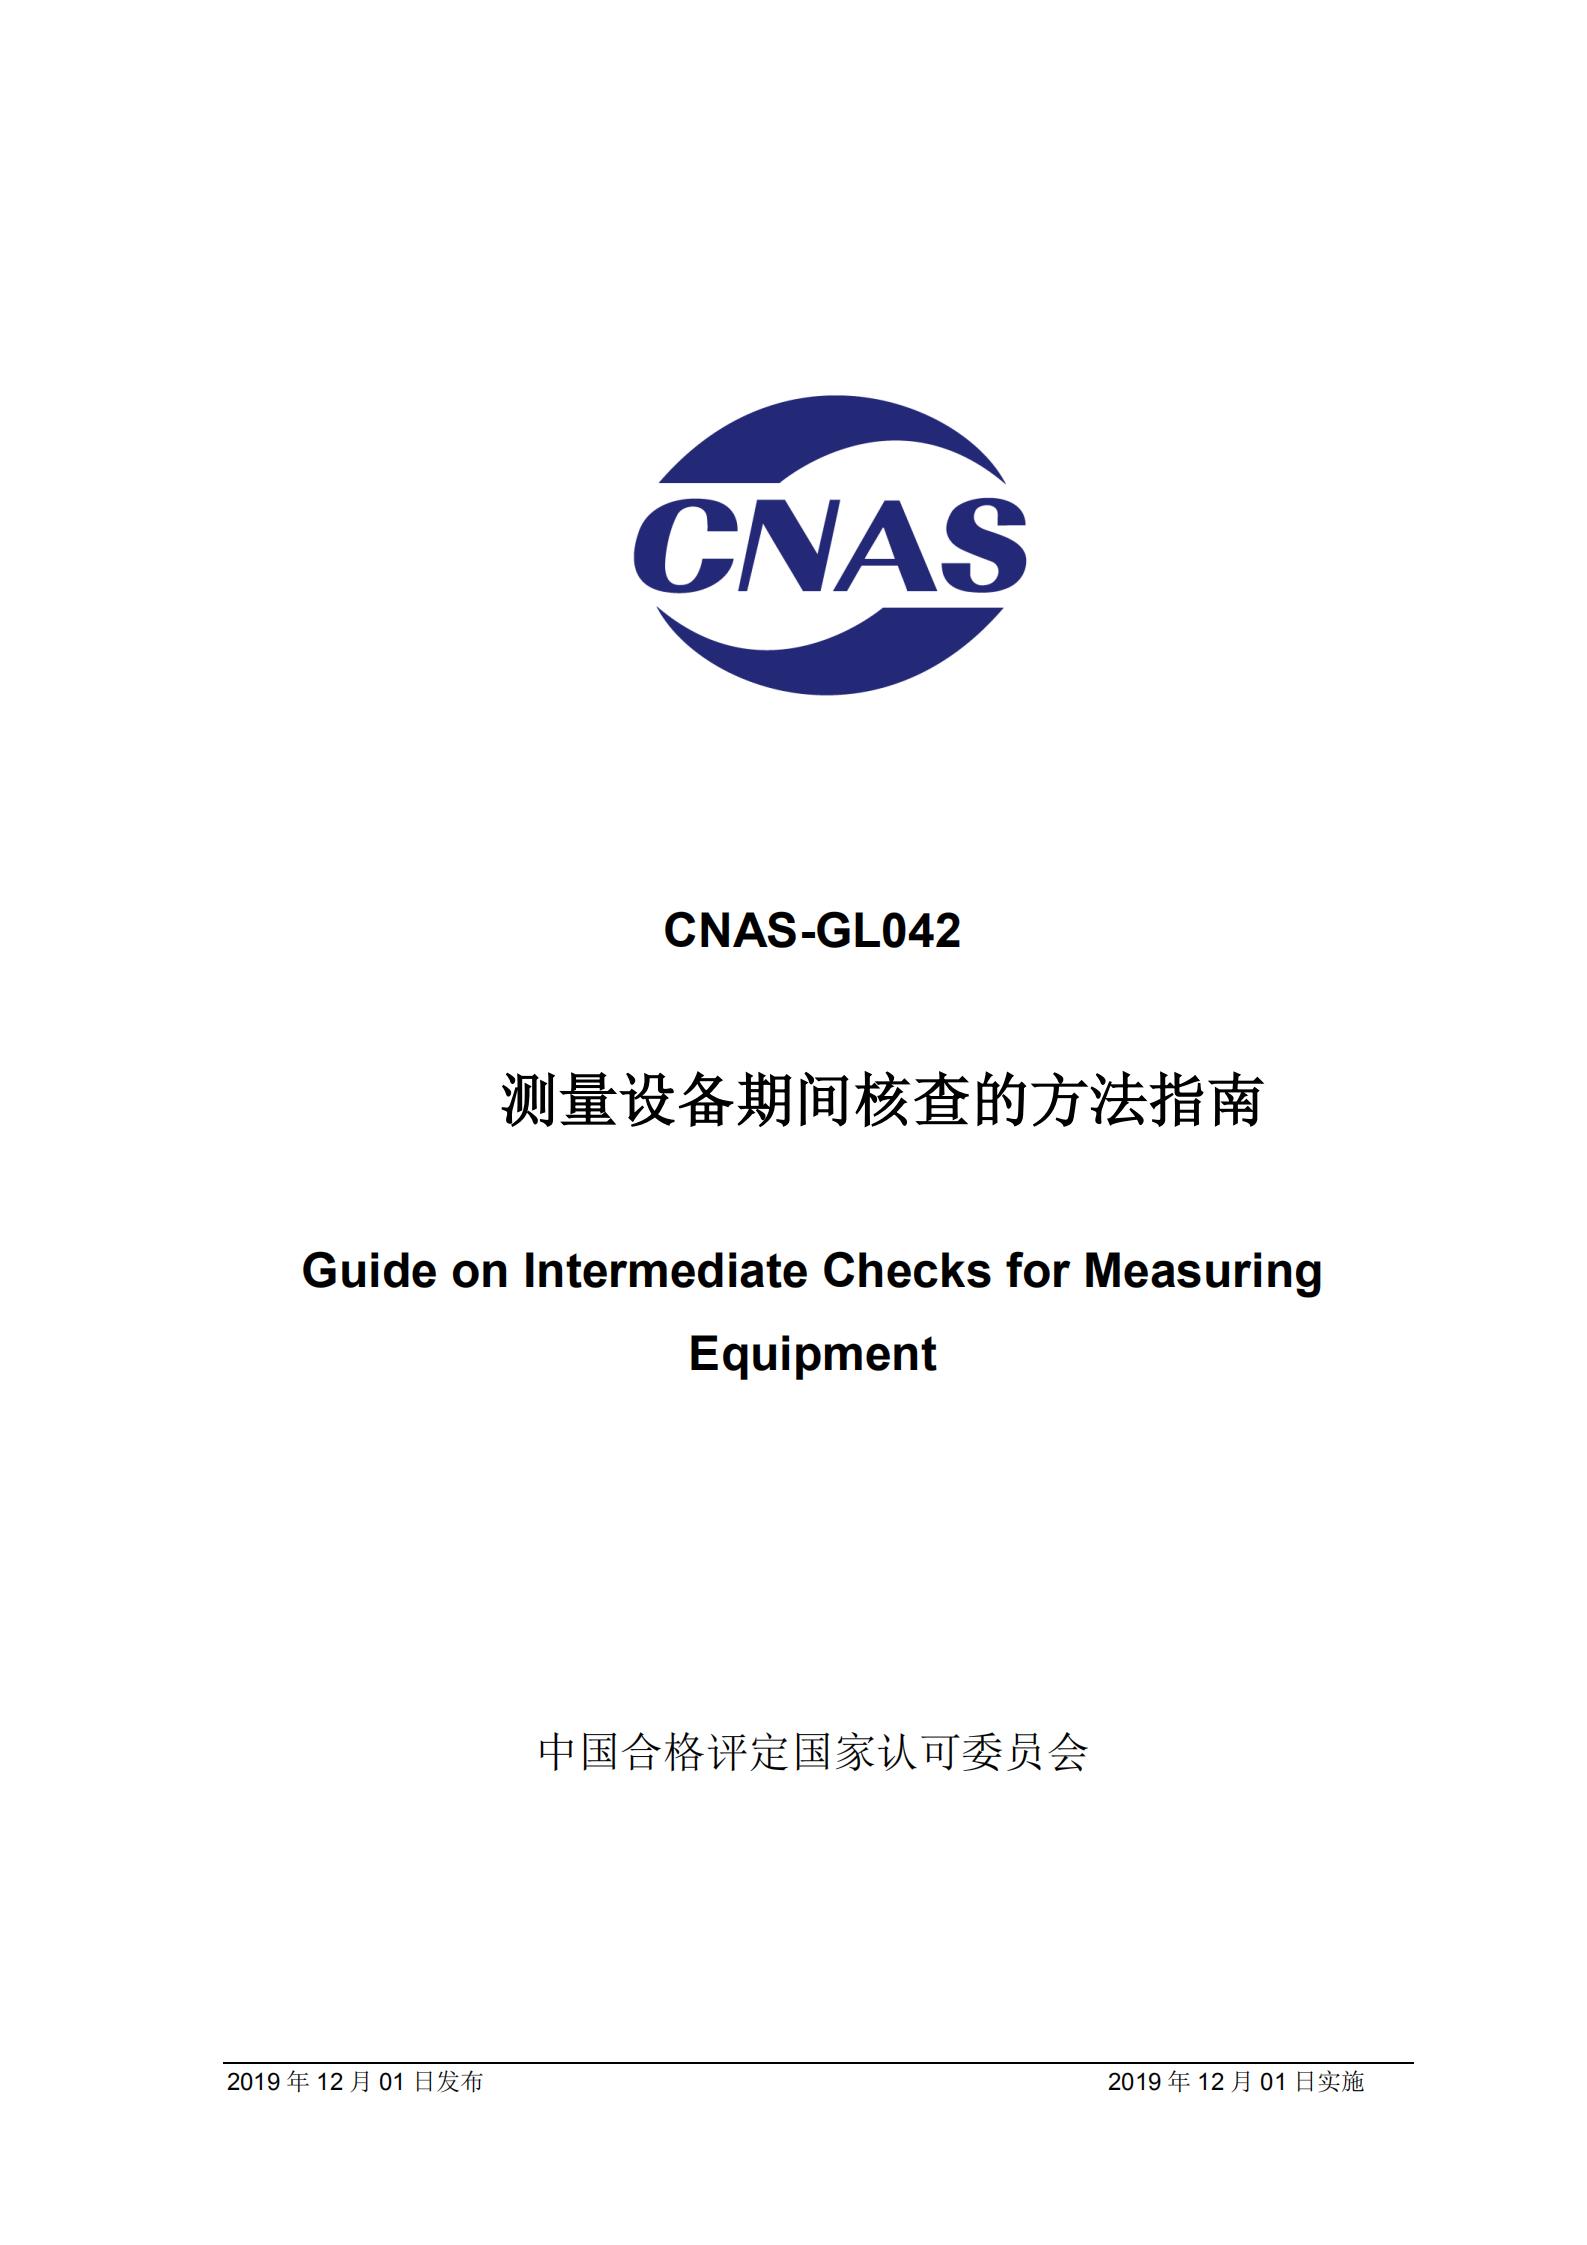 CNAS-GL042:2019《测量设备期间核查的方法指南》_00.png